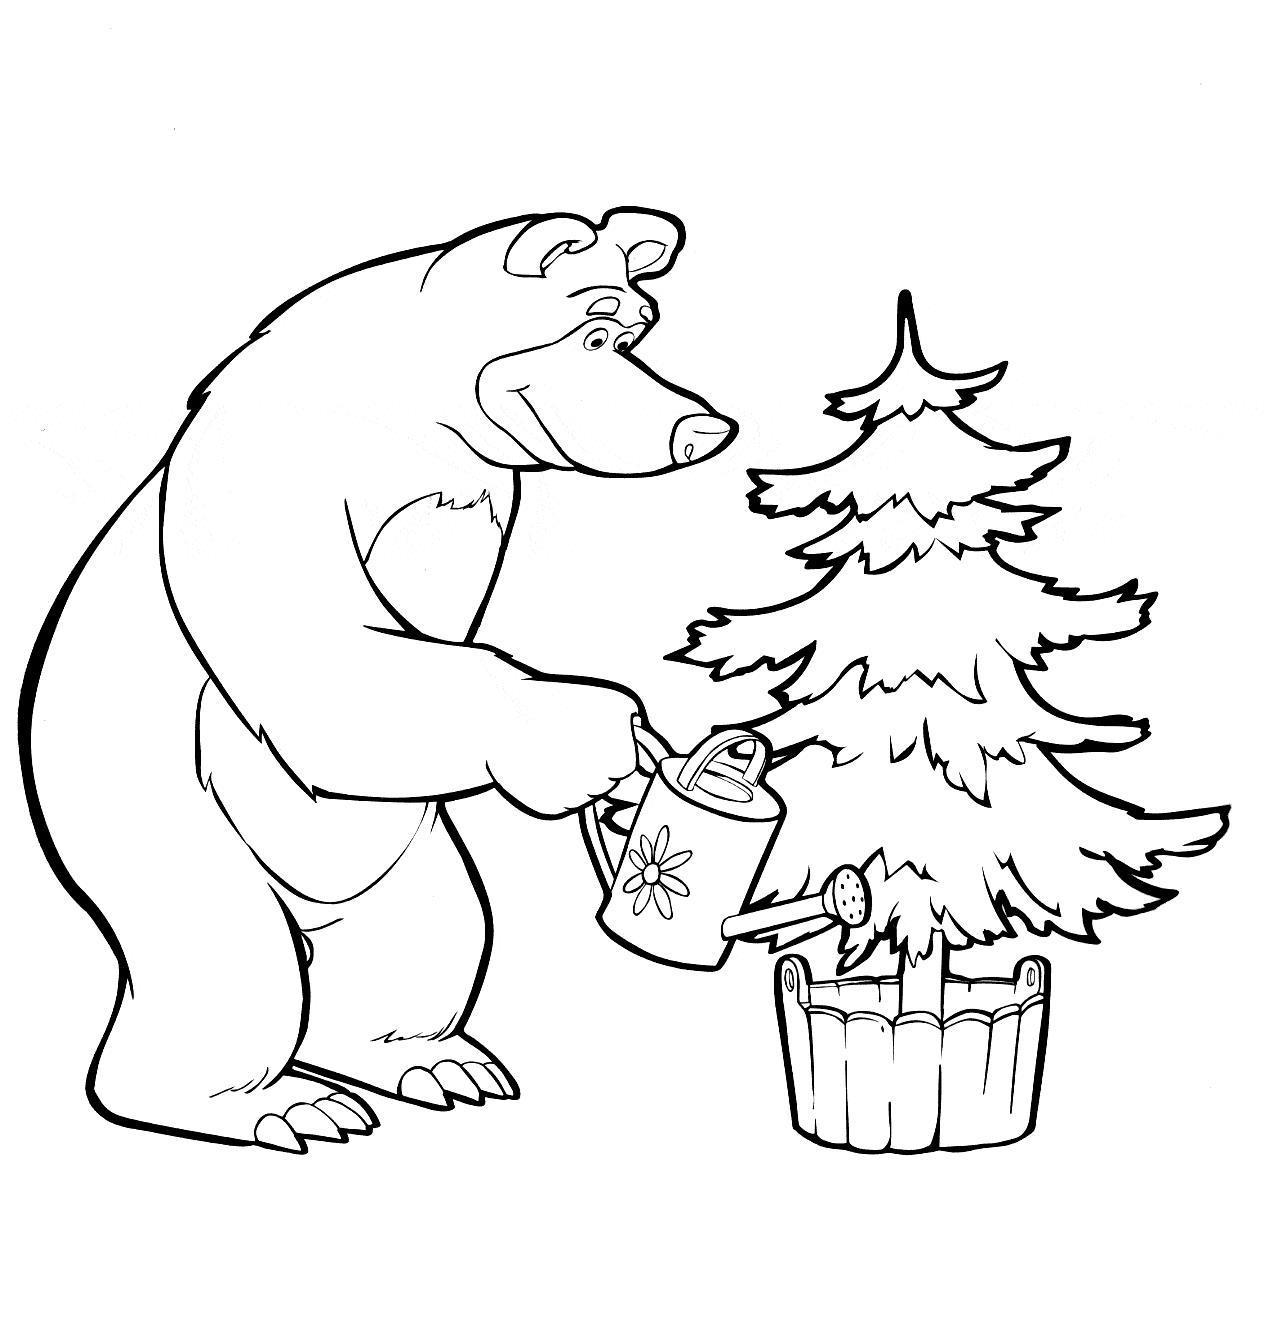 Мишка растит елочку к новому году Зимние раскраски для мальчиков